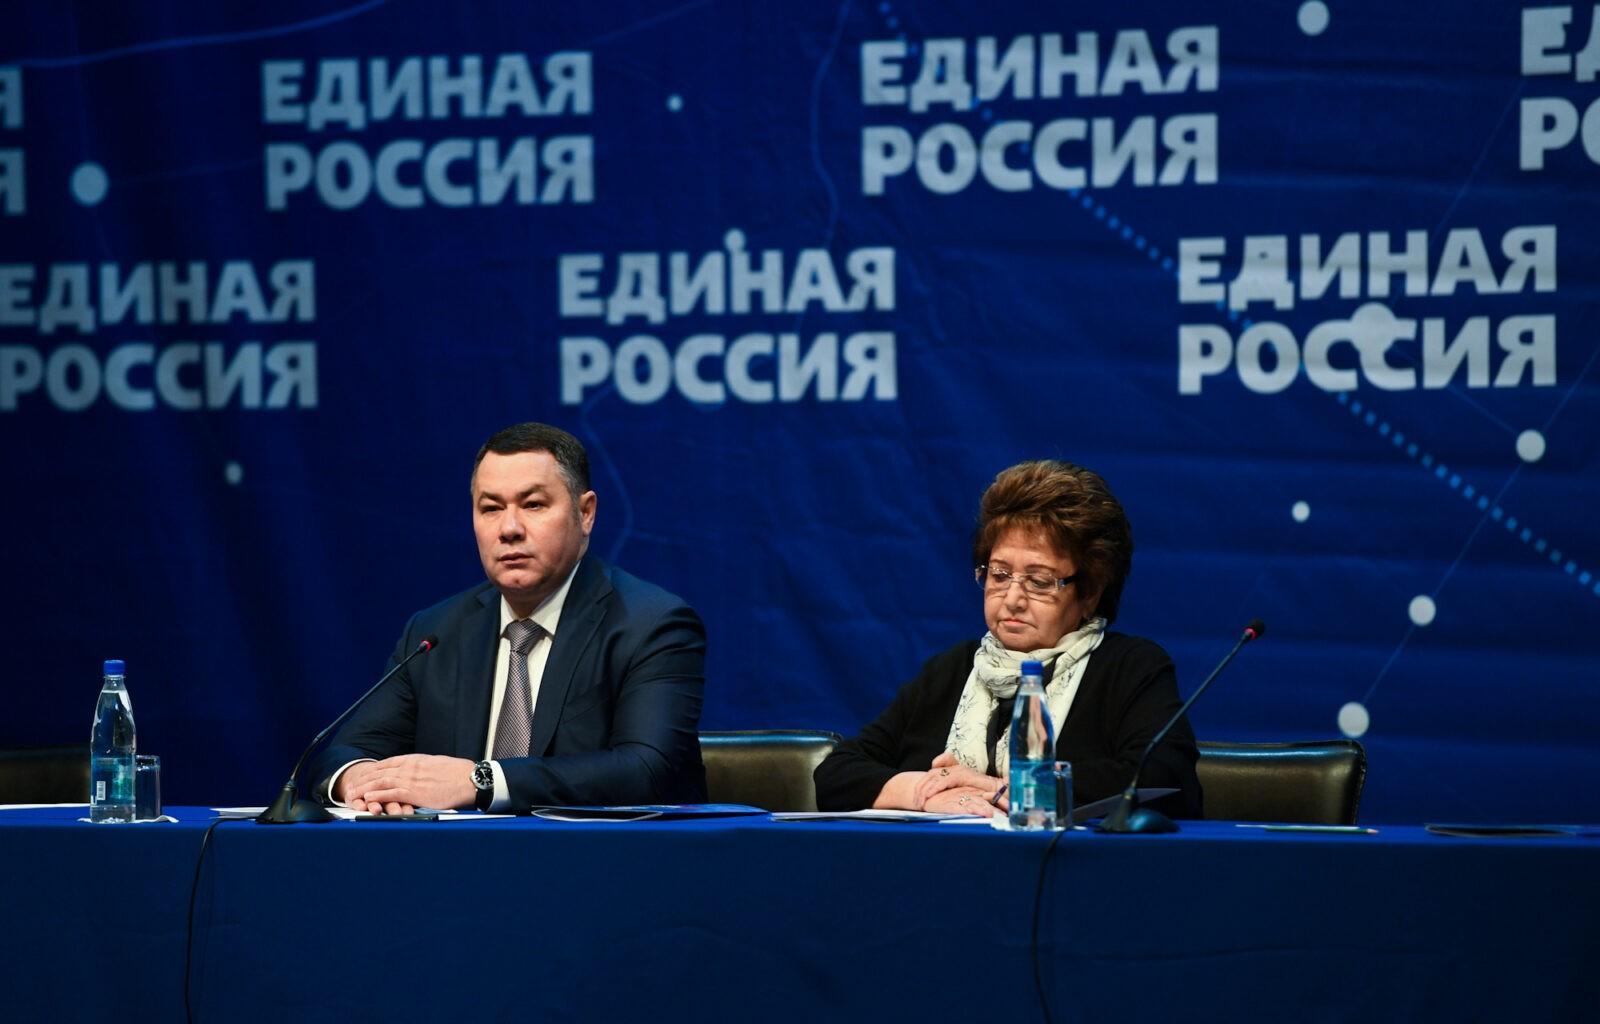 Игорь Руденя: улучшение качества жизни через реализацию национальных проектов должно объединить все конструктивные силы Верхневолжья